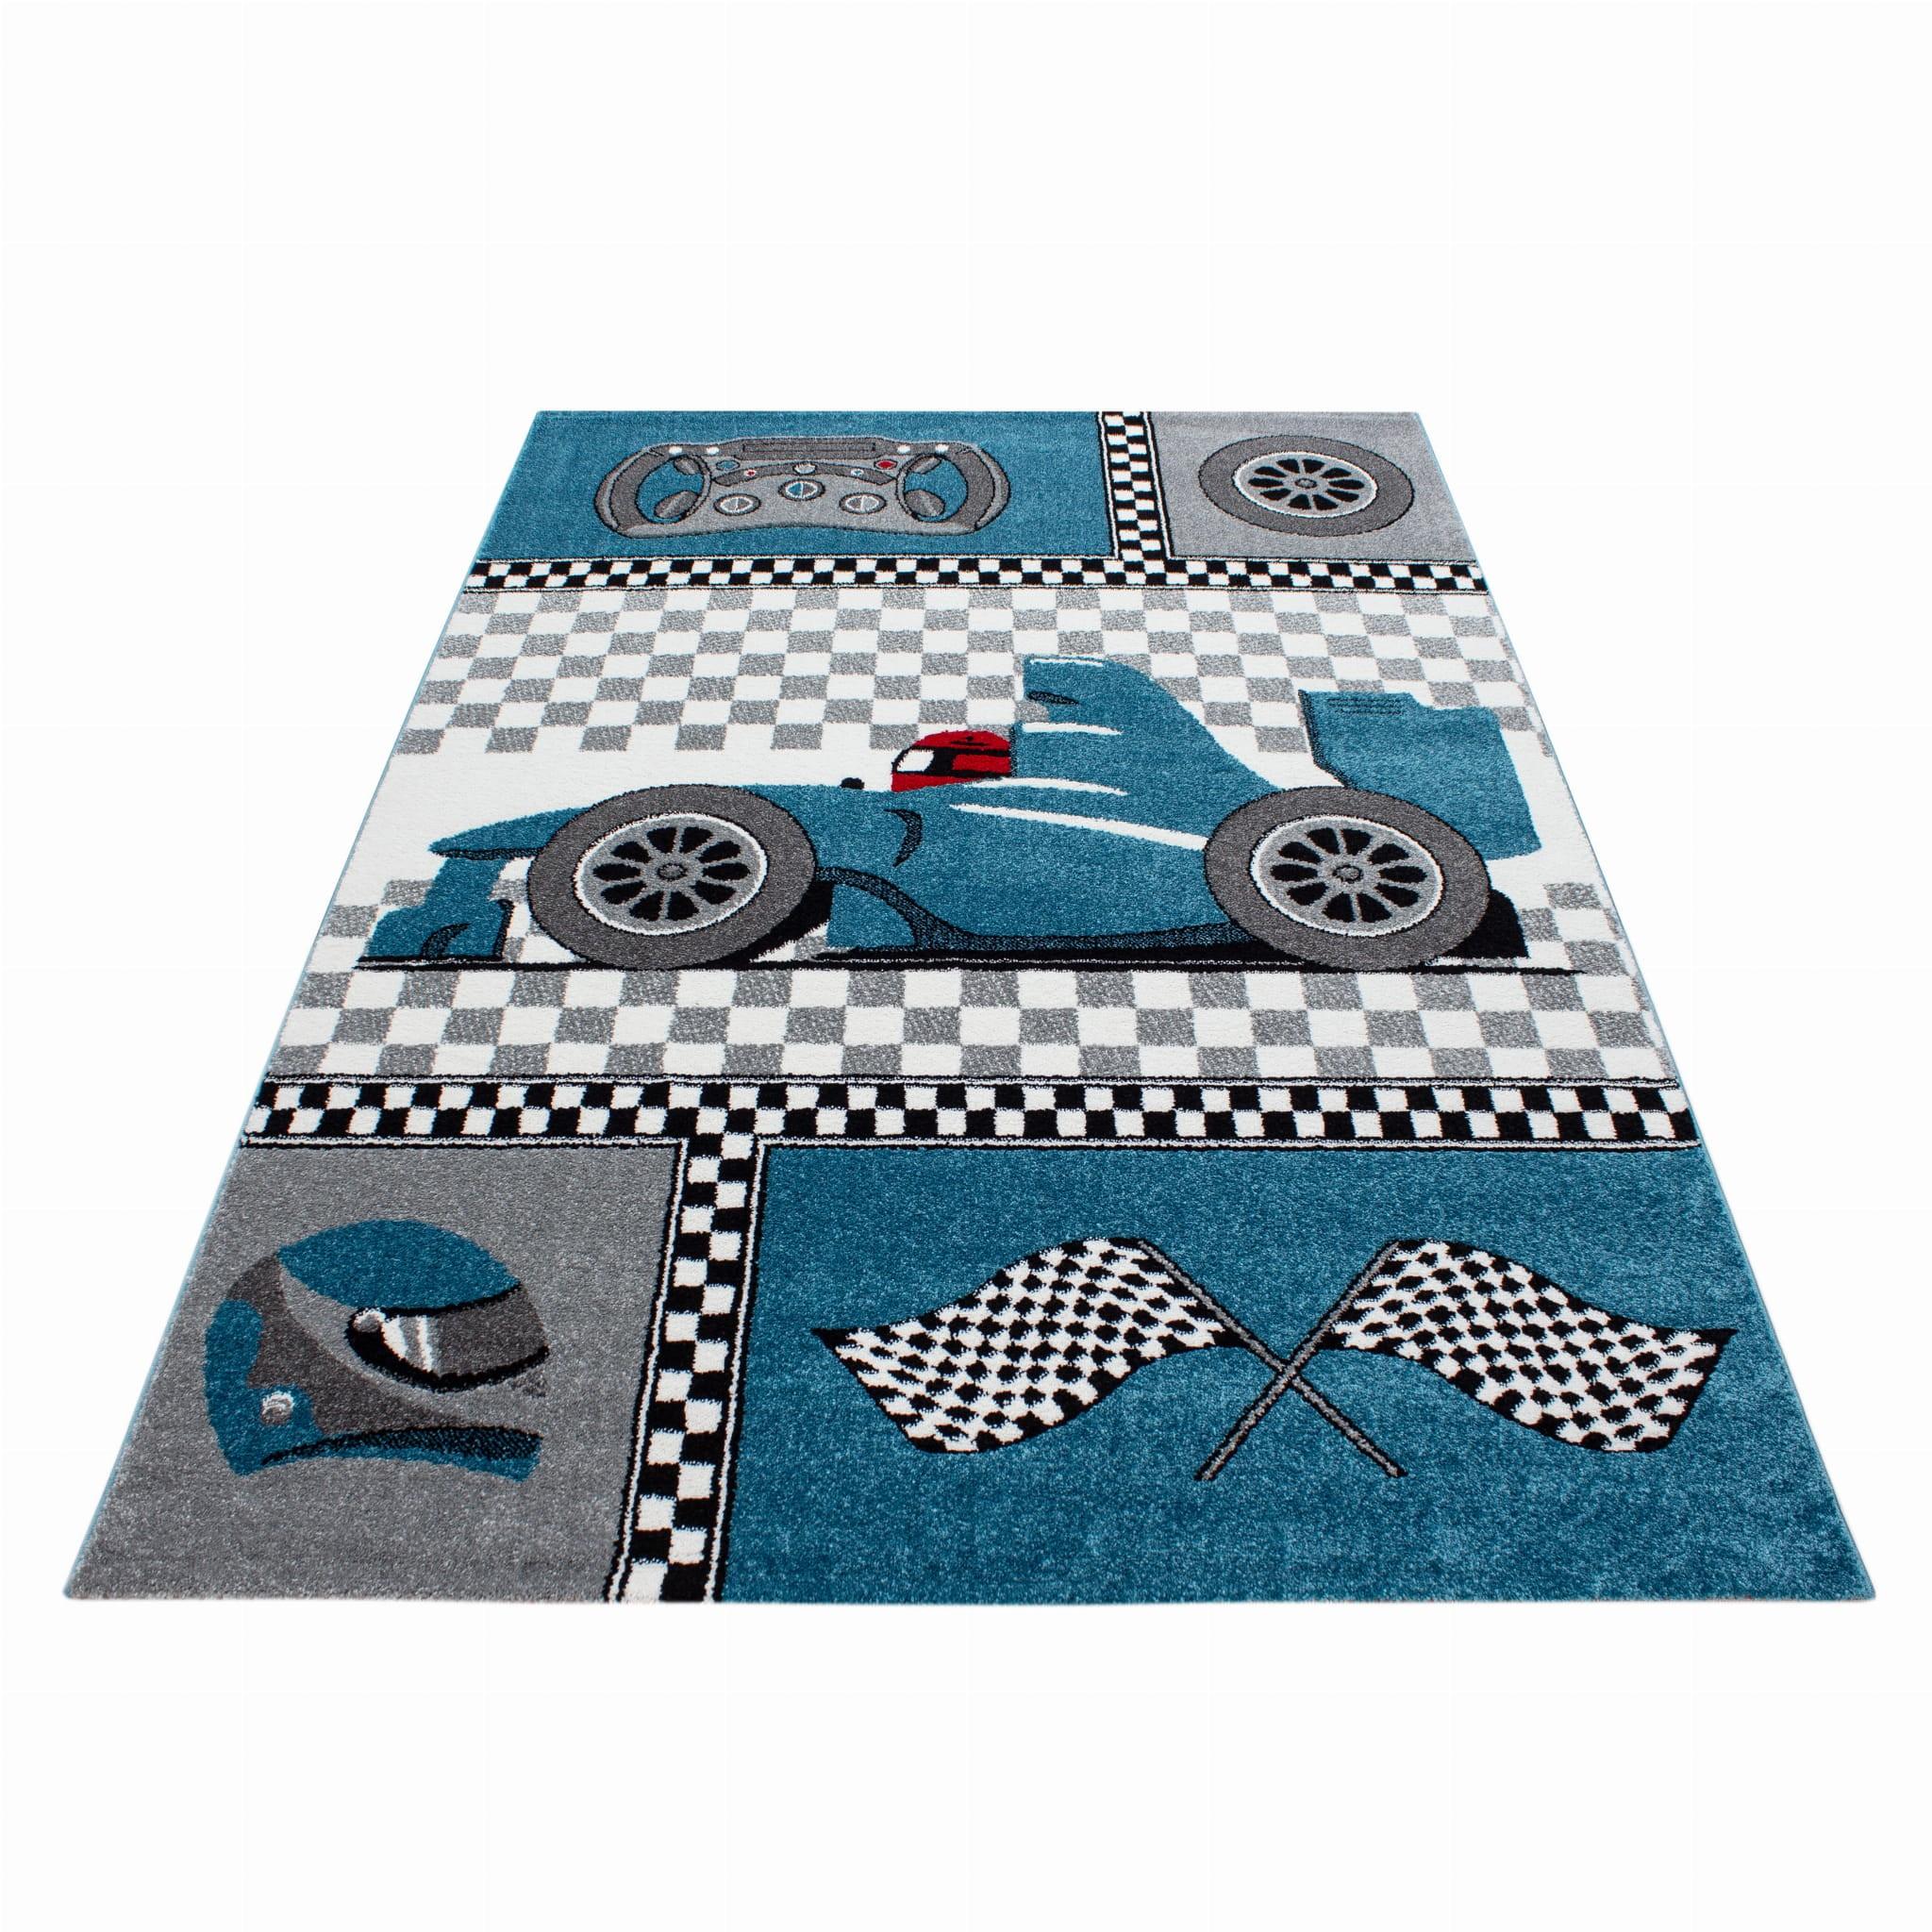 DomTextilu Modrý koberec pre chlapcov do detskej izby formula 42007-197356